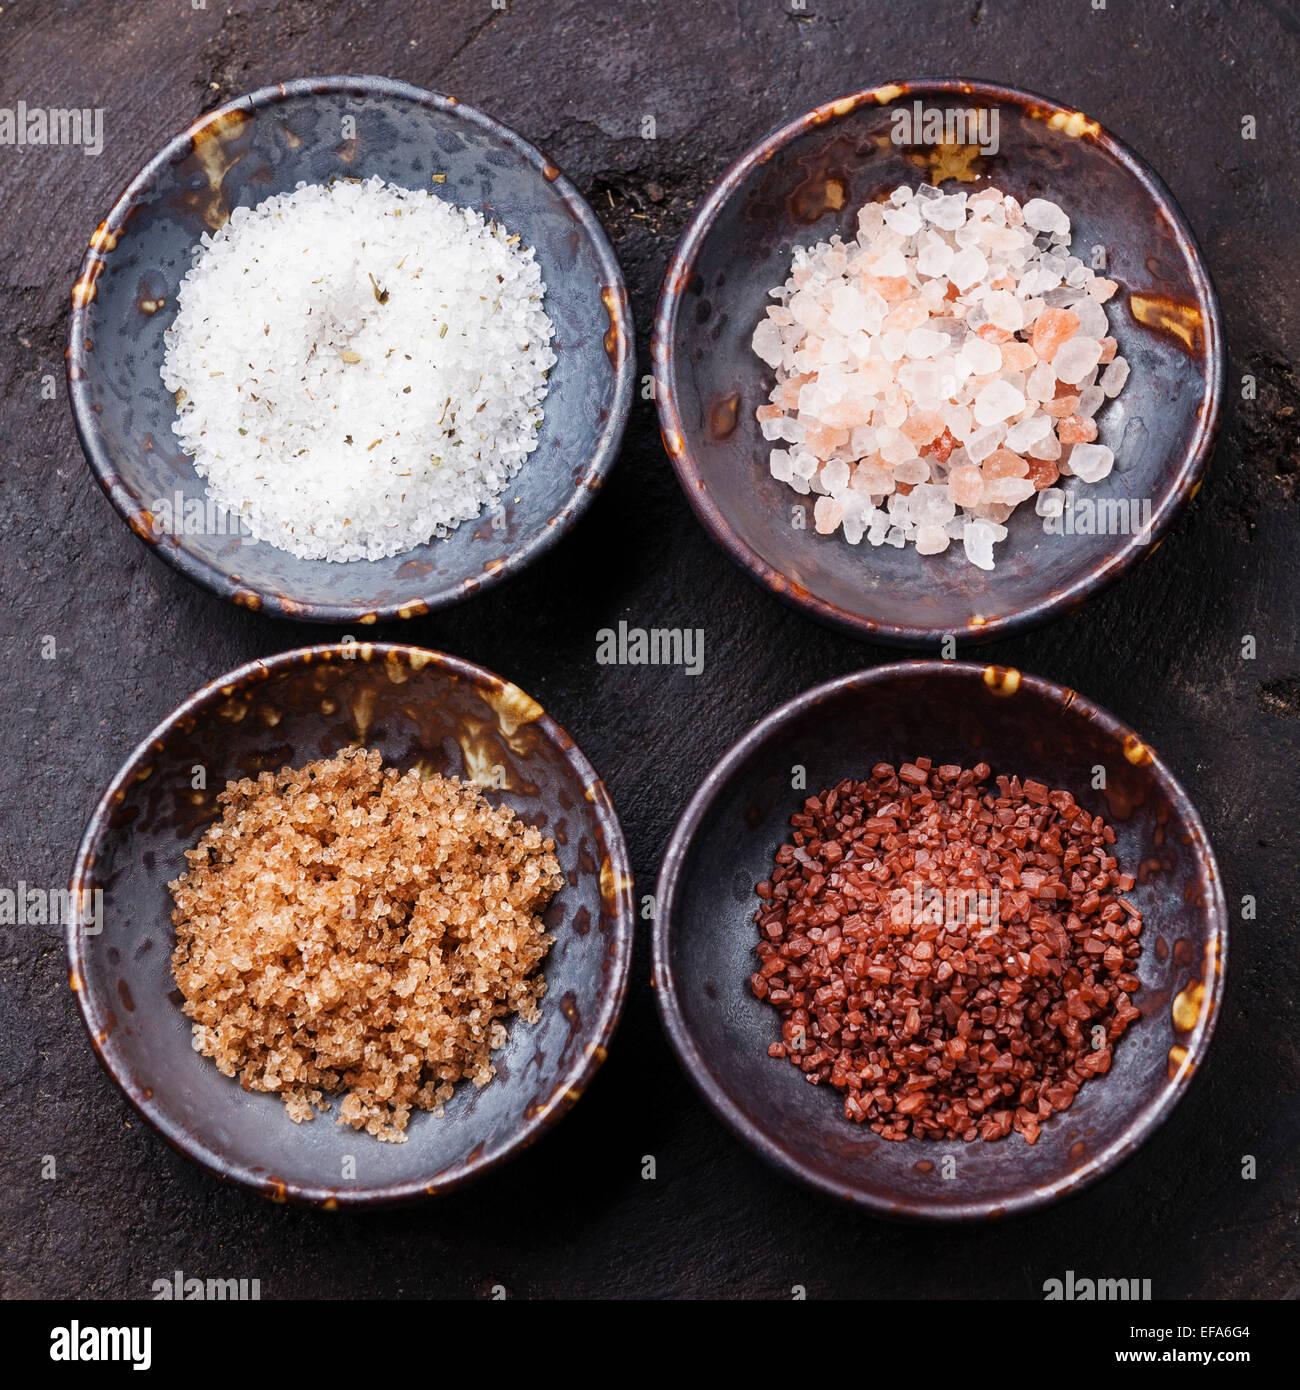 Différents types d'aliments gros sel dans des bols en céramique sur fond sombre Photo Stock